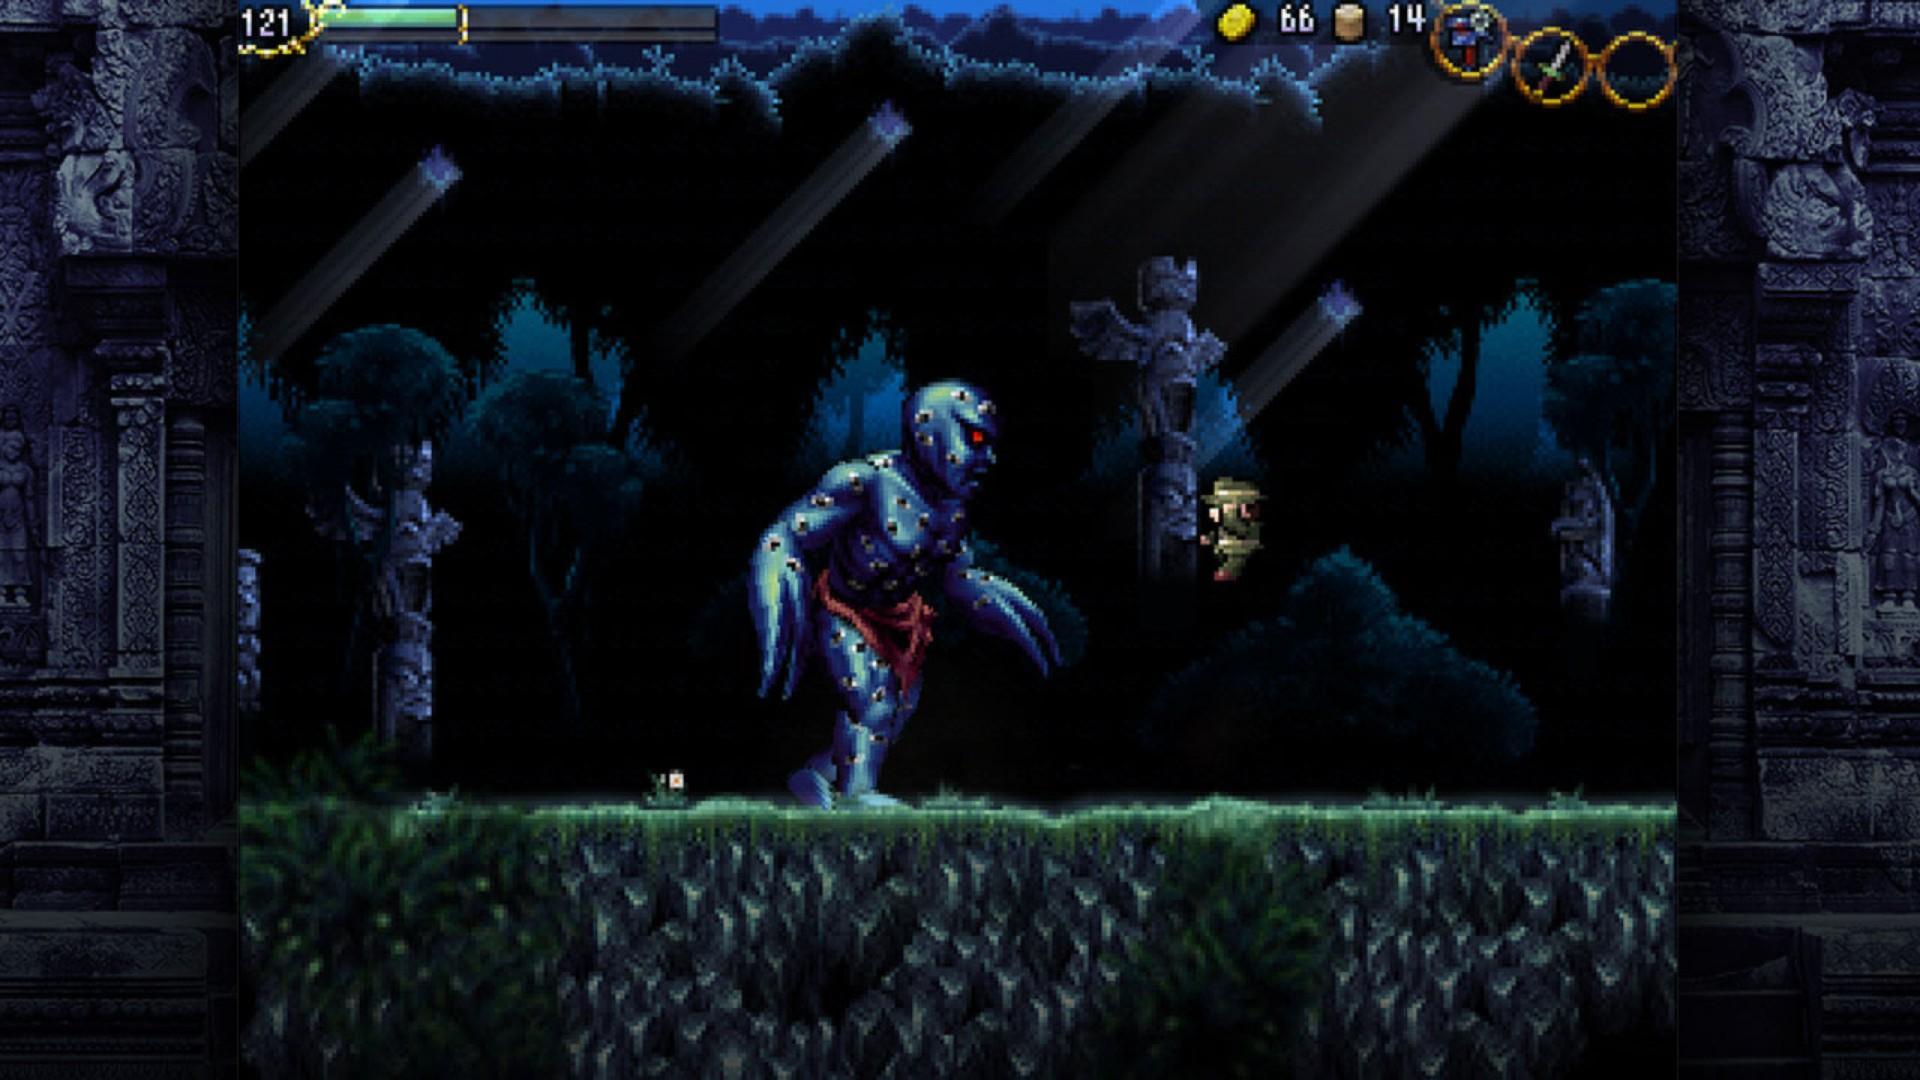 La-Mulana screenshot 3